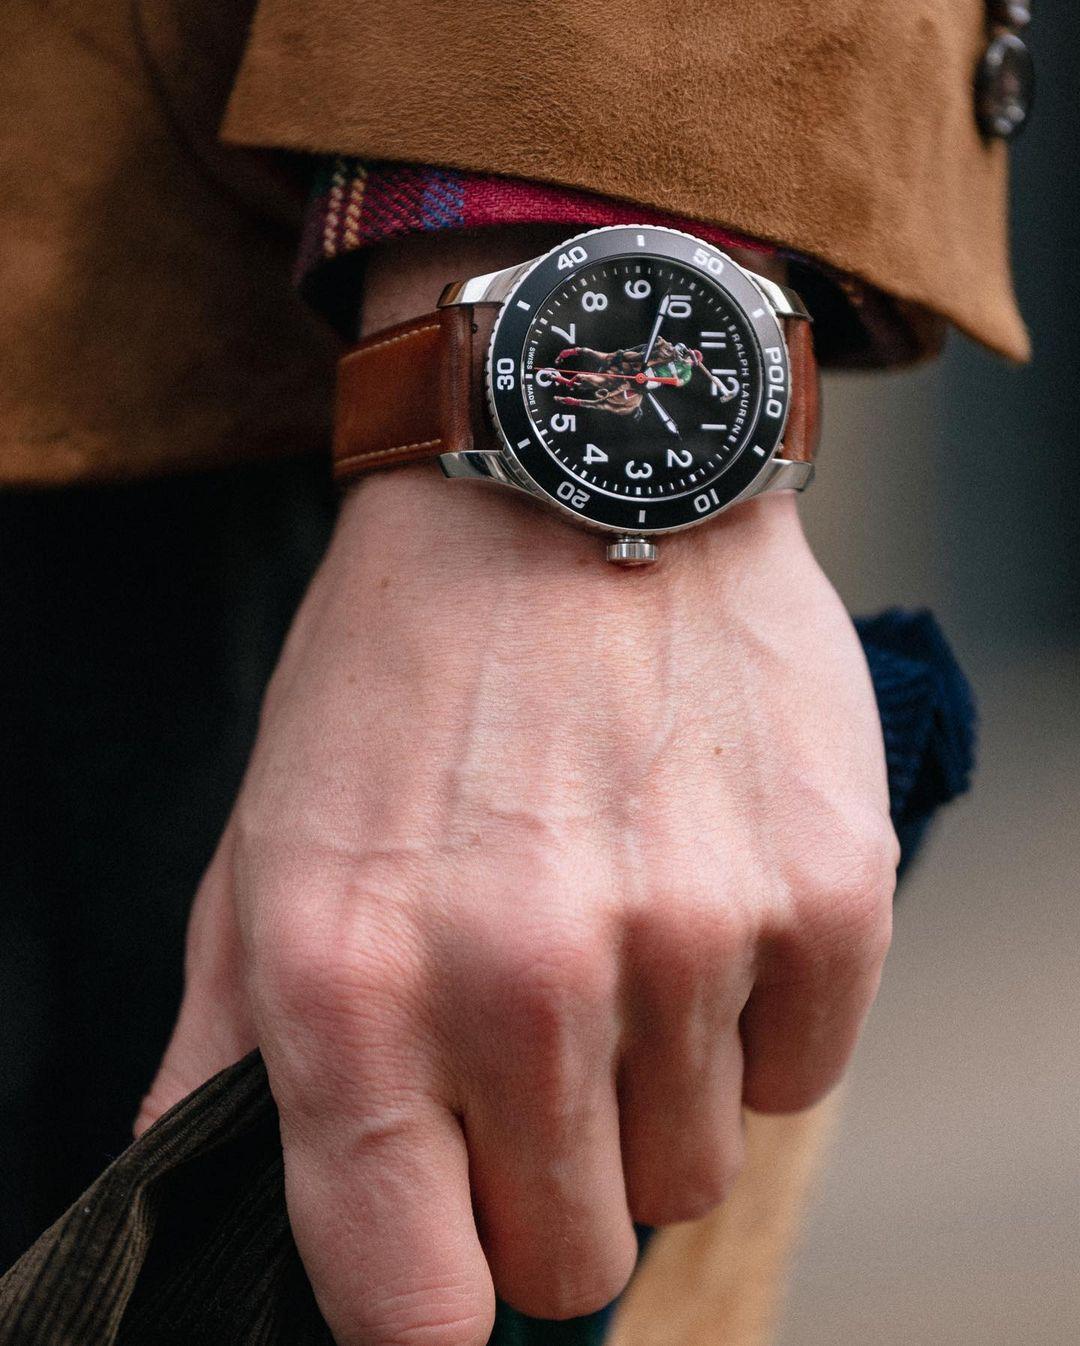 đồng hồ ralph lauren